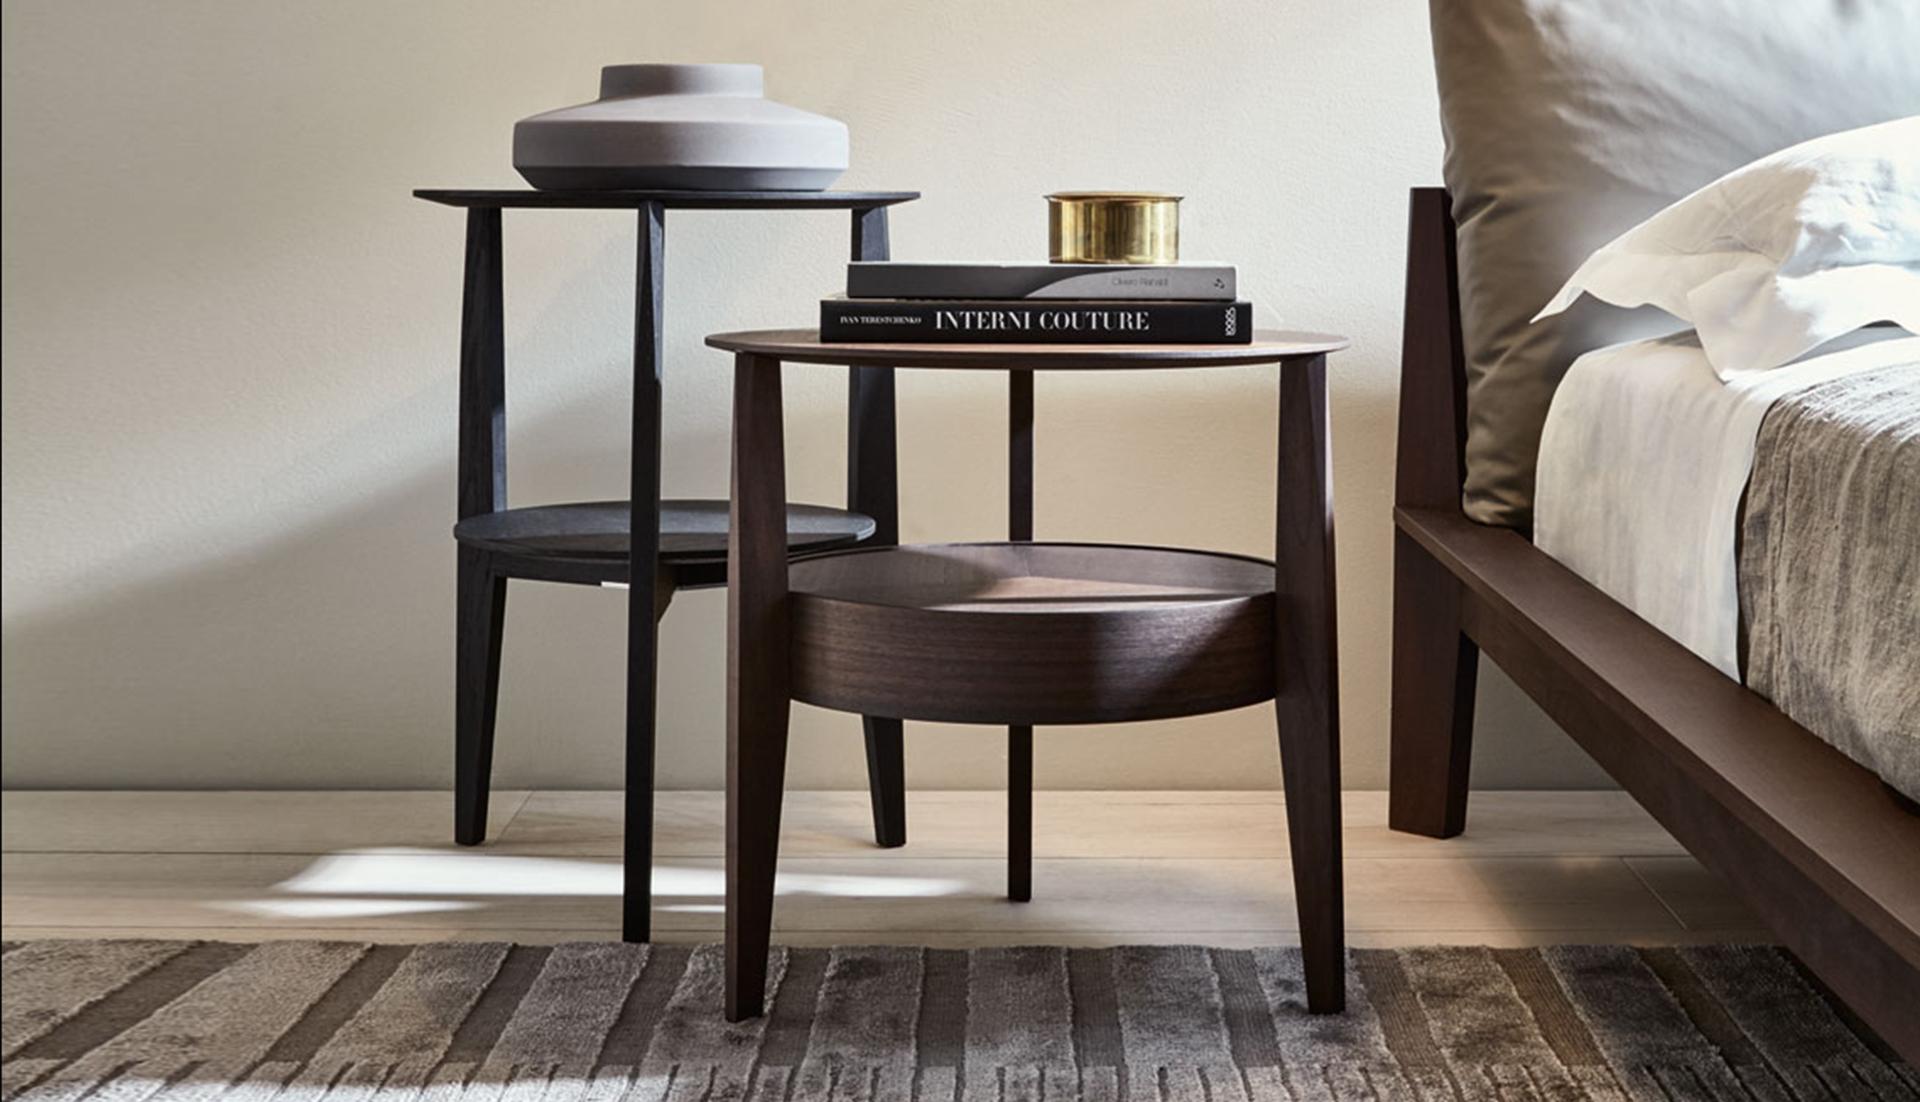 Molteni c when side table dream design interiors ltd for Molteni furniture